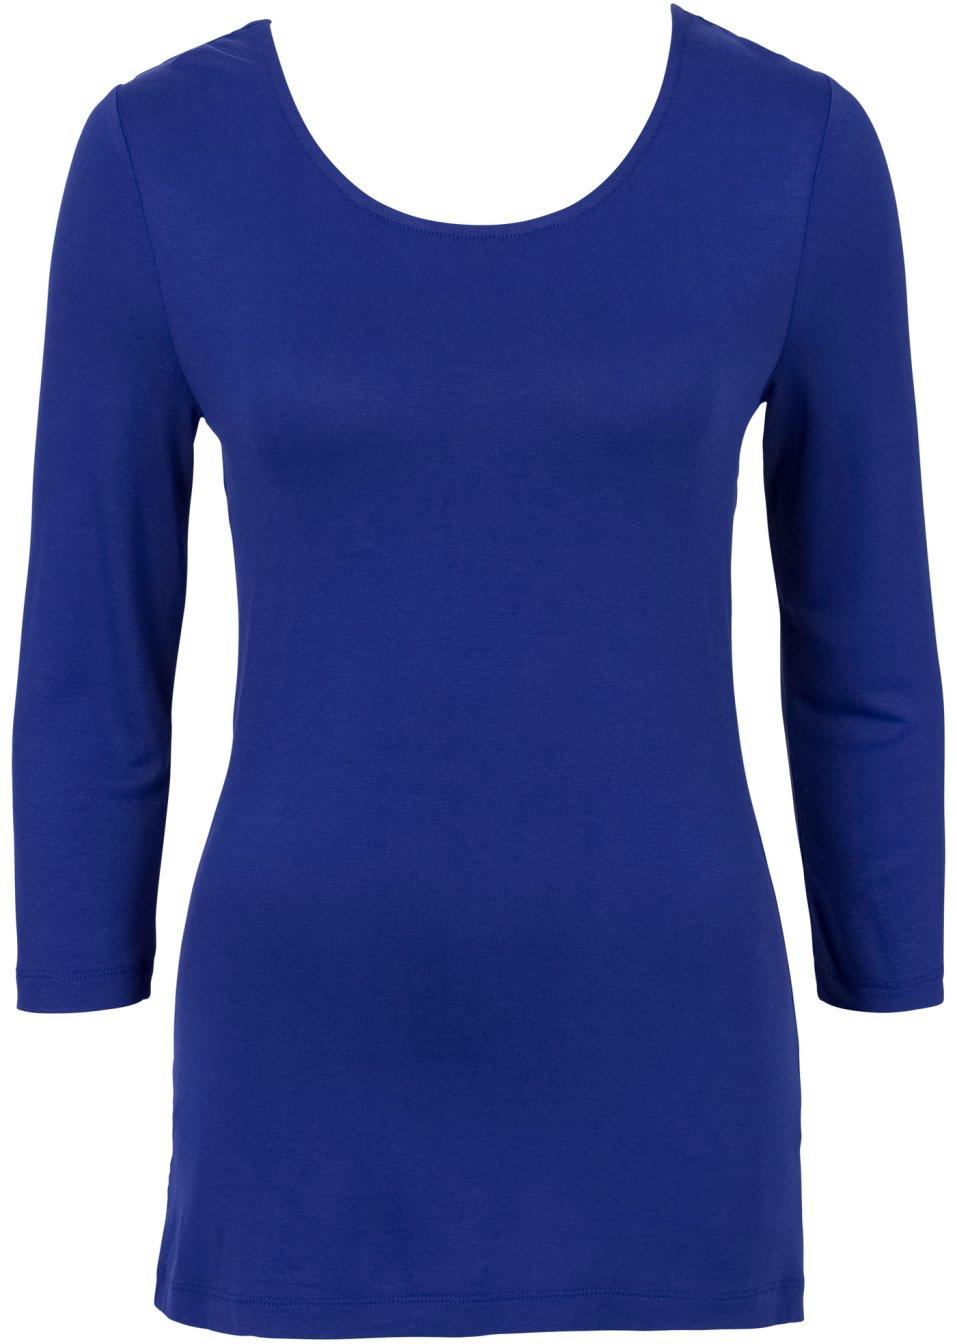 3 4 shirt mit wasserfall kragen dunkelblau. Black Bedroom Furniture Sets. Home Design Ideas